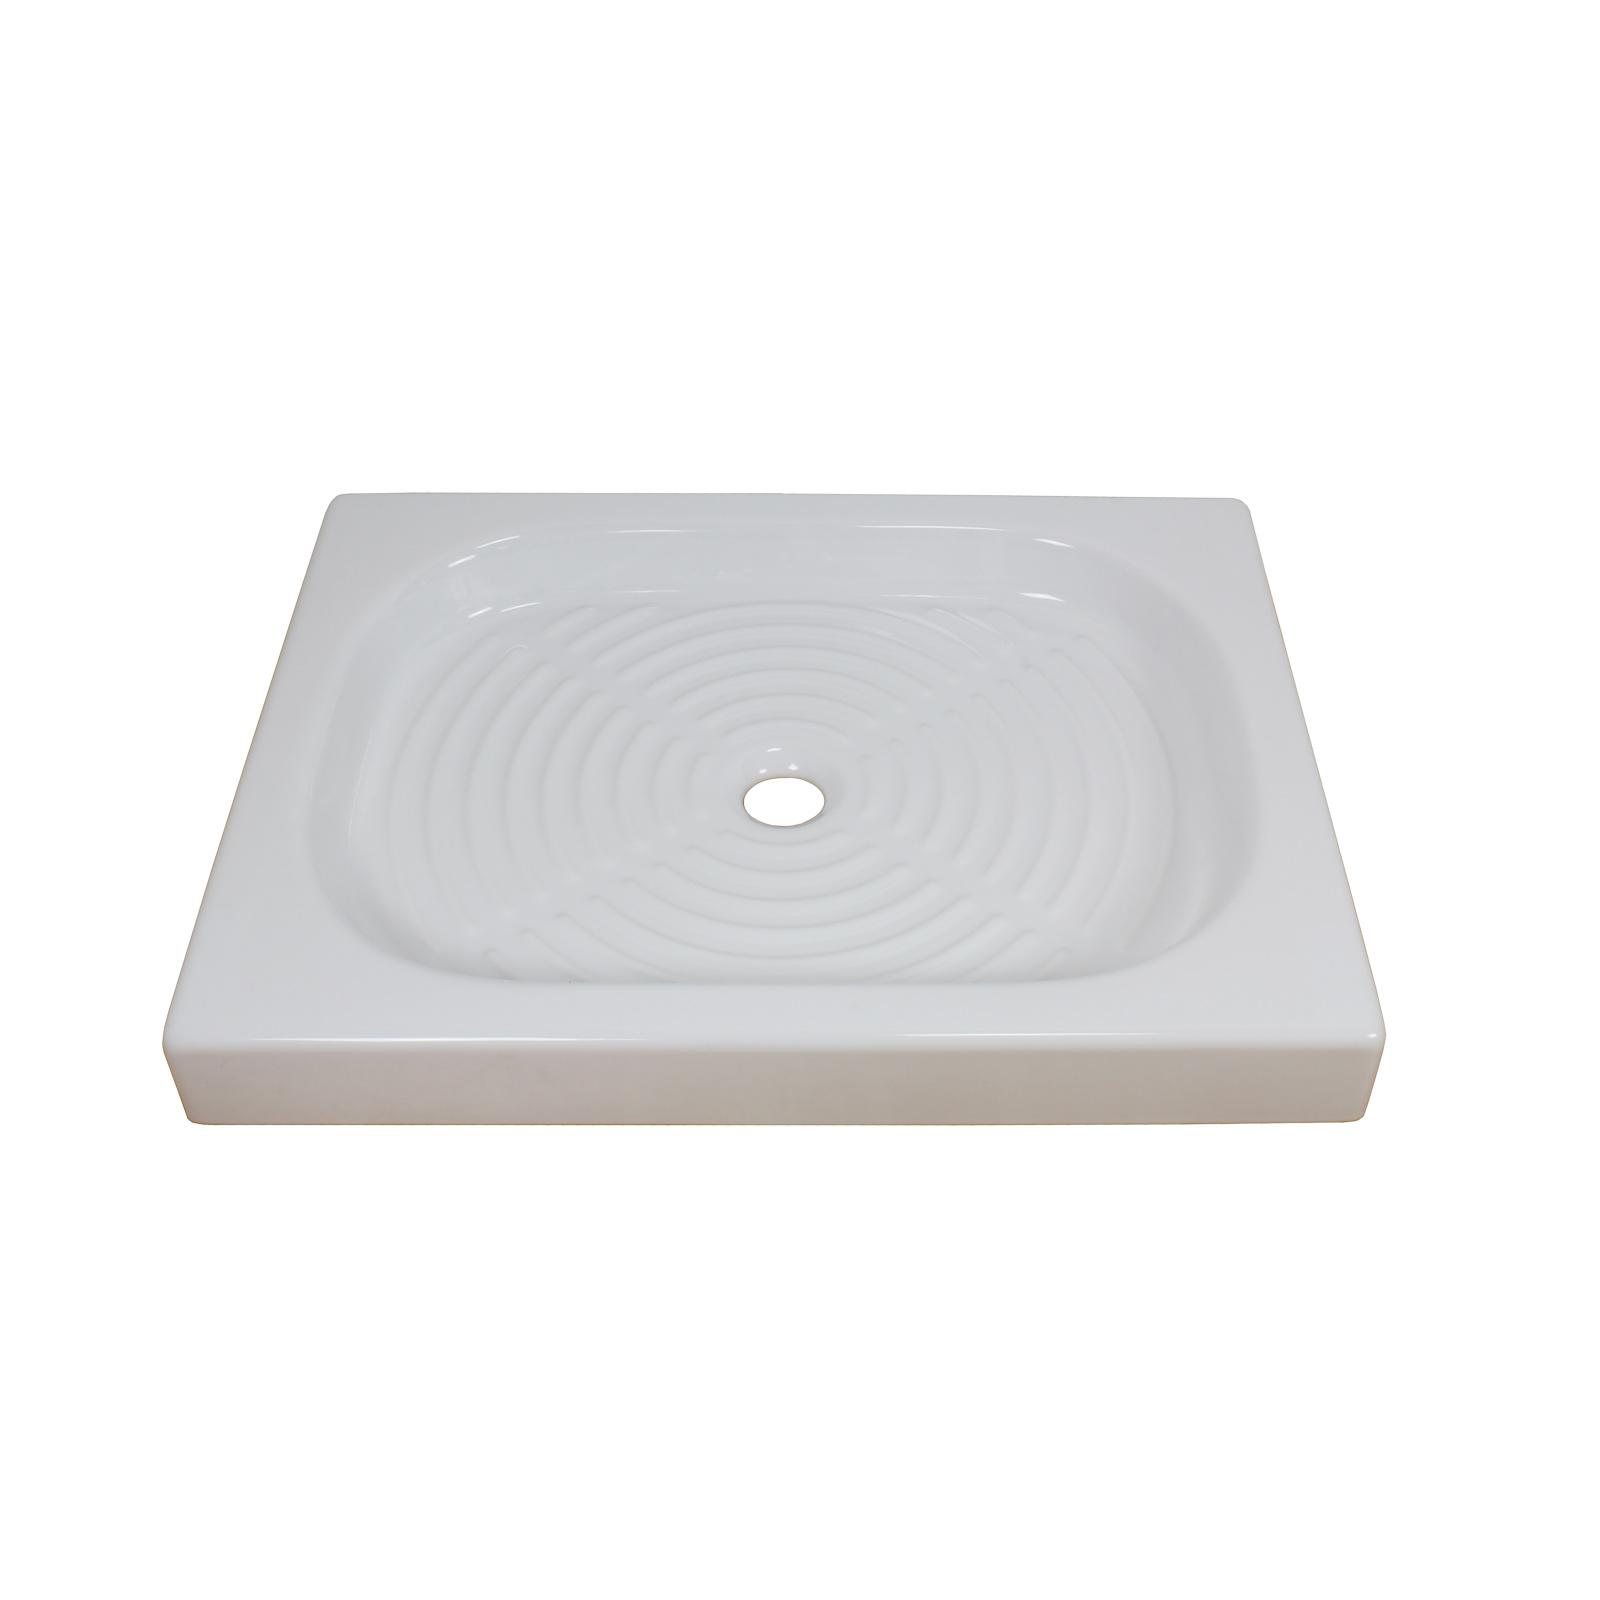 Piatto doccia misure 80x60 ceramica - Piatti doccia piccoli ...